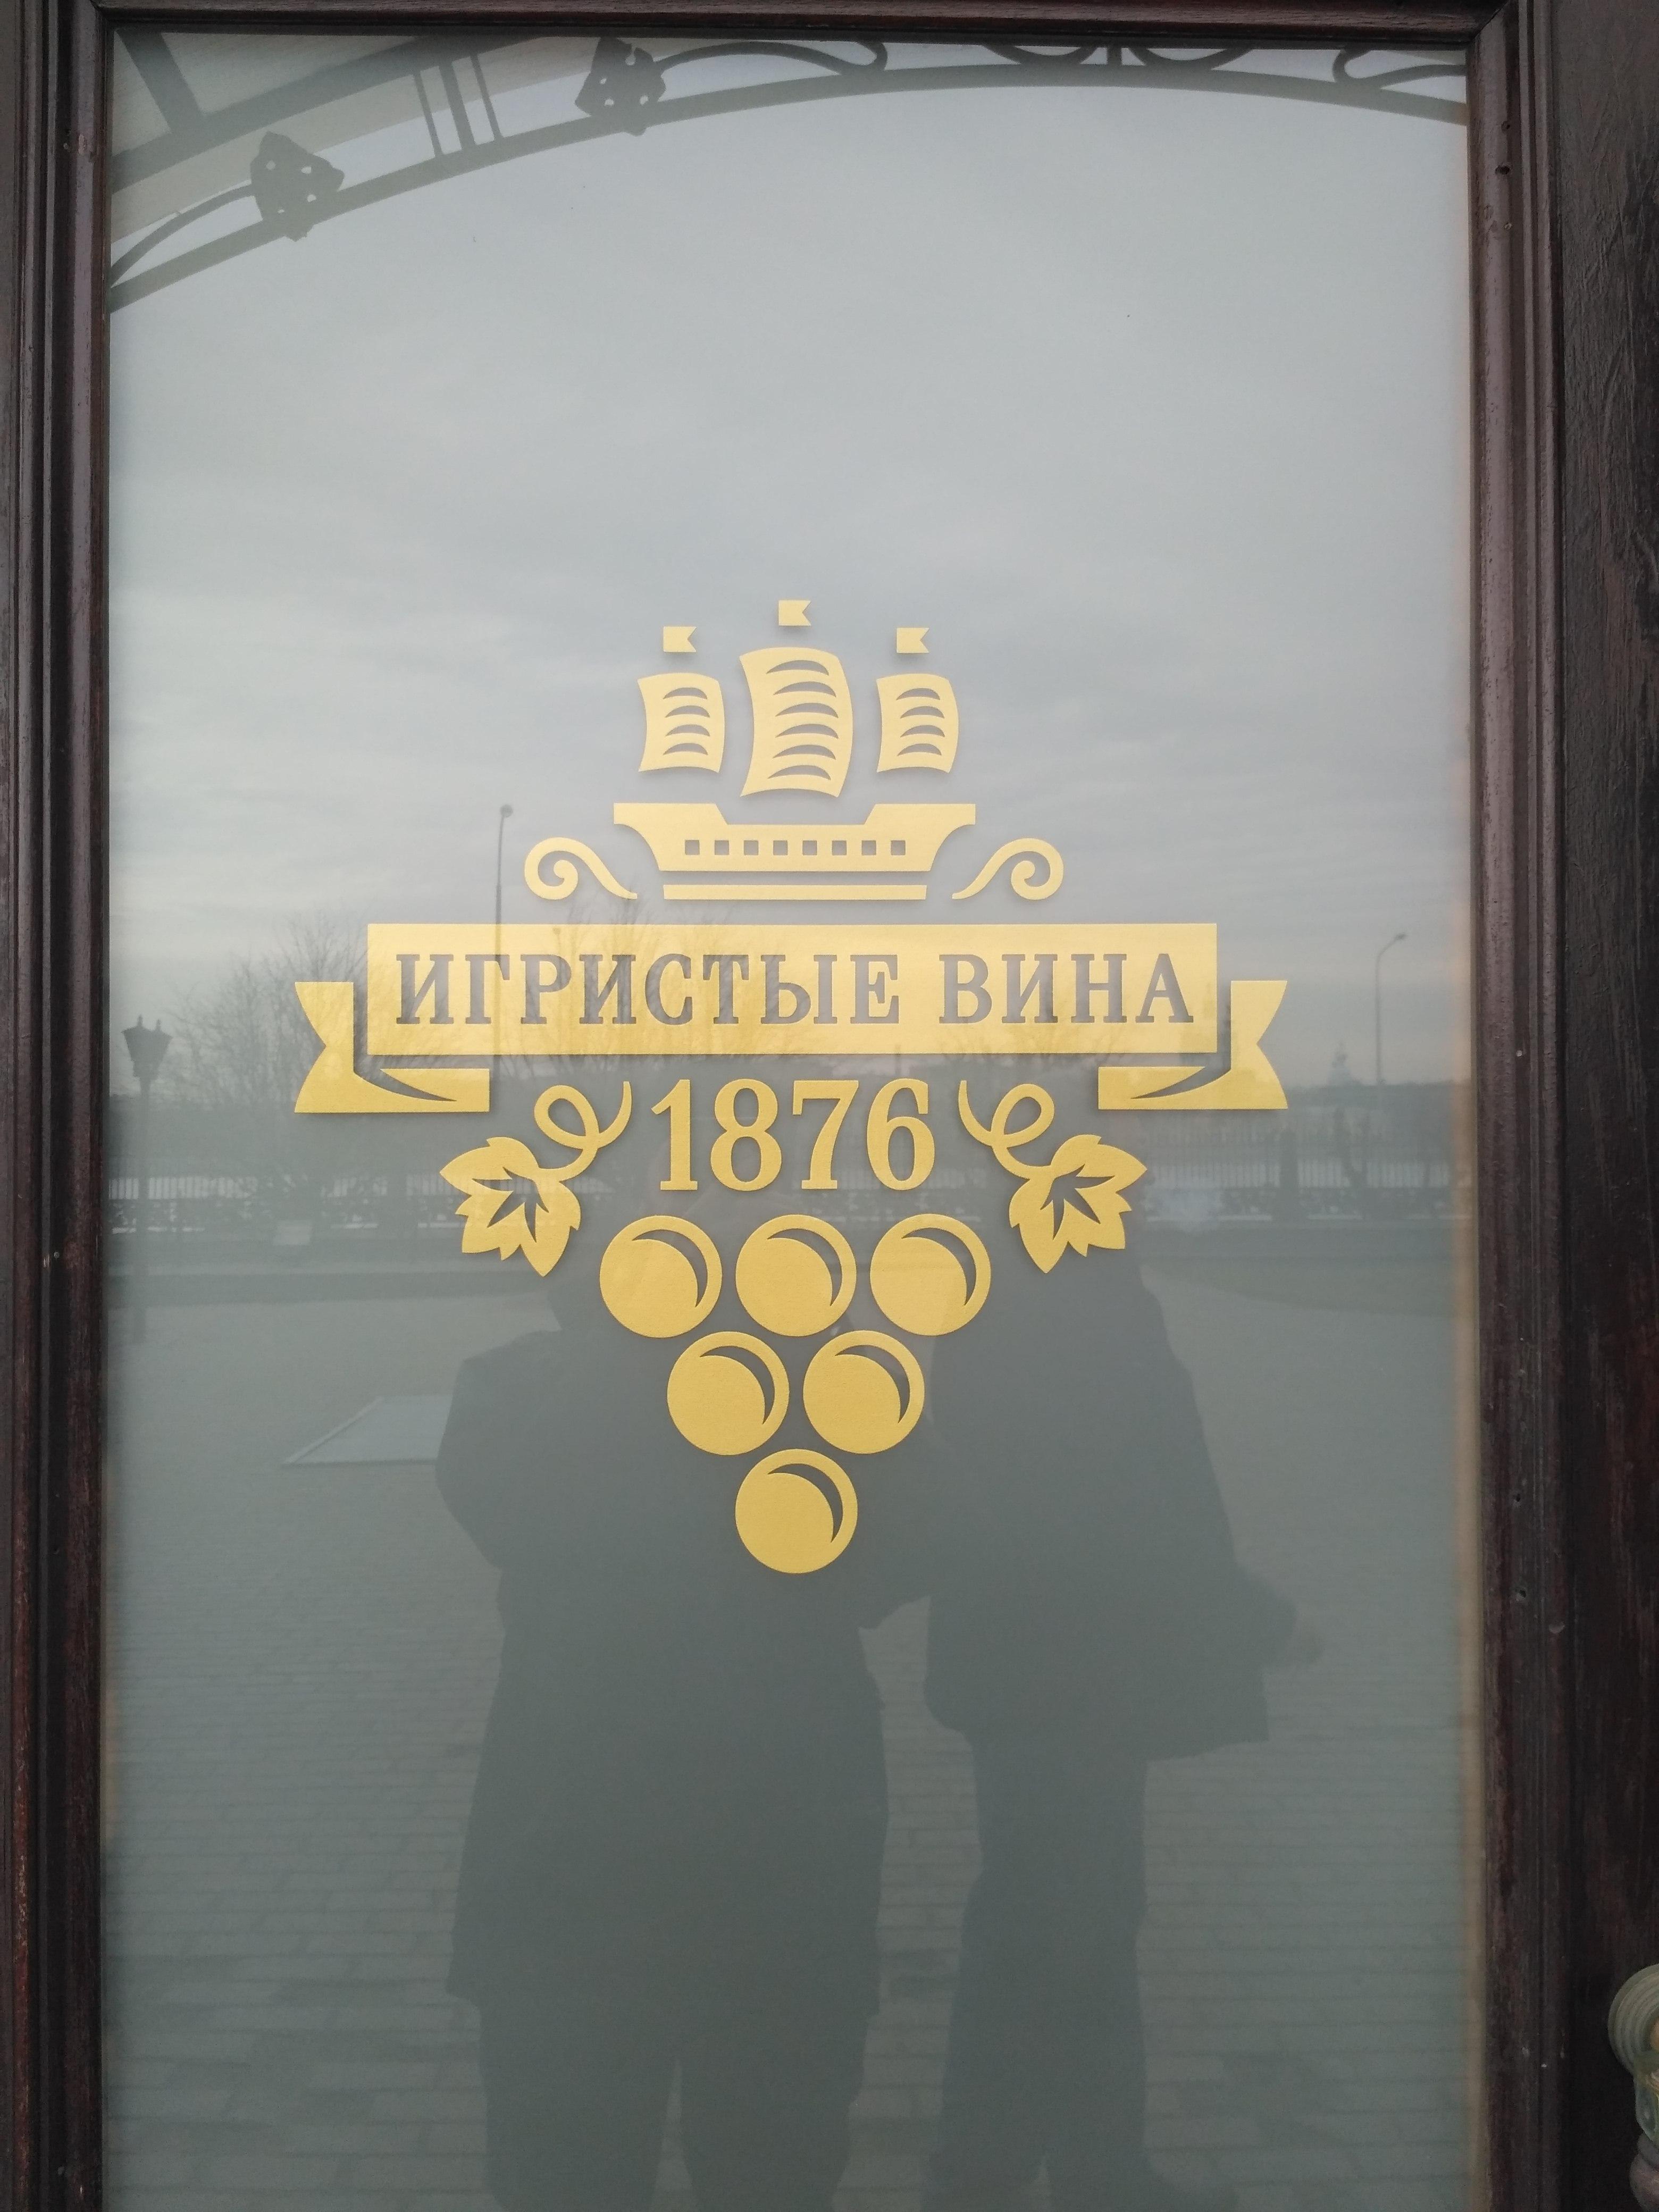 Дверь завода Игристые Вина 1876 Санкт-Петербург наклейка этикетка